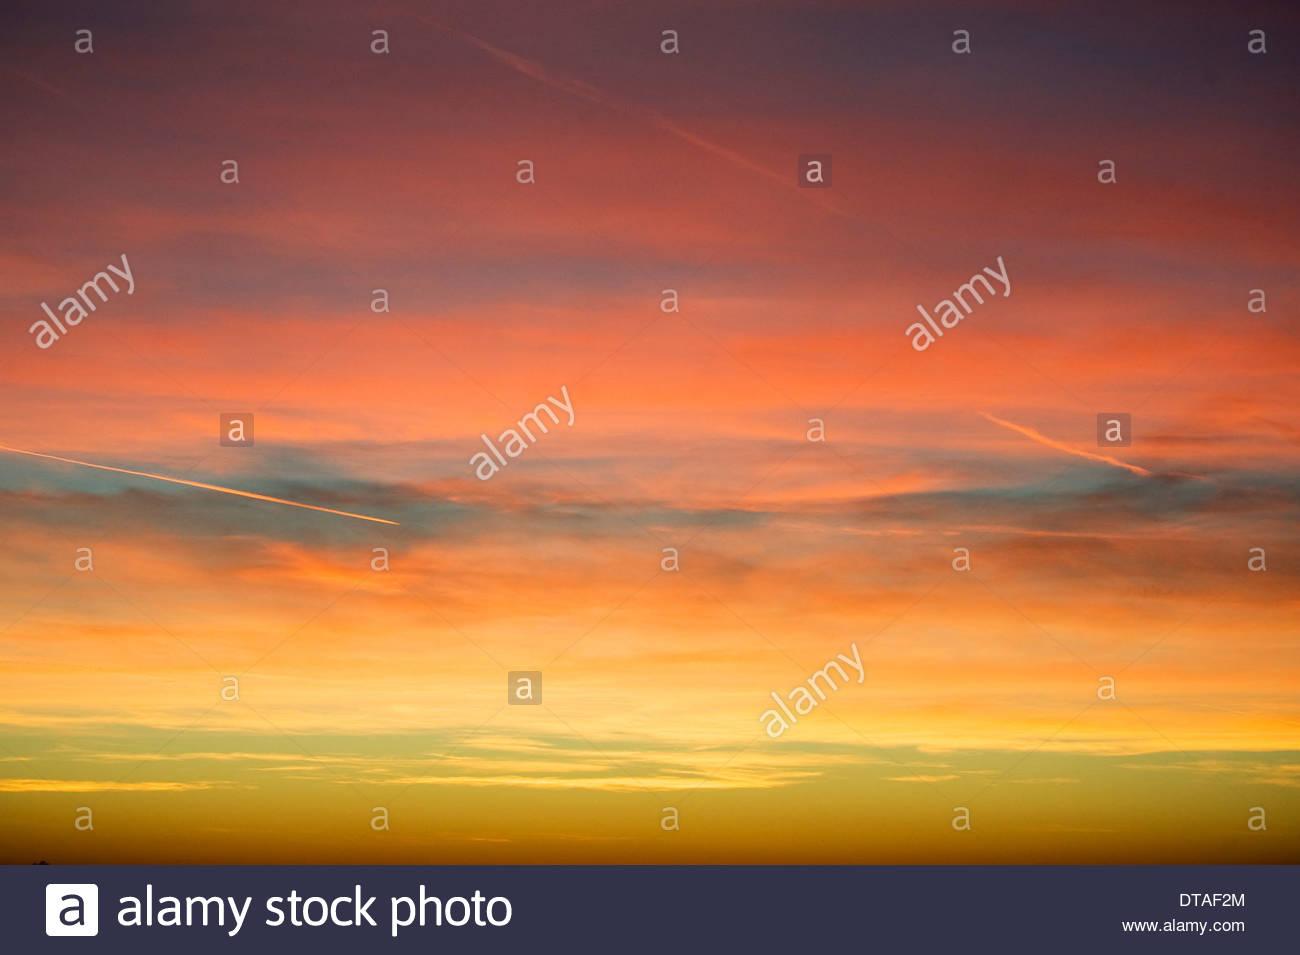 trübe Wolke Wolkengebilde Himmel bei Sonnenuntergang mit vielen Farben Graduierung Dampf Kondensstreifen Stockbild